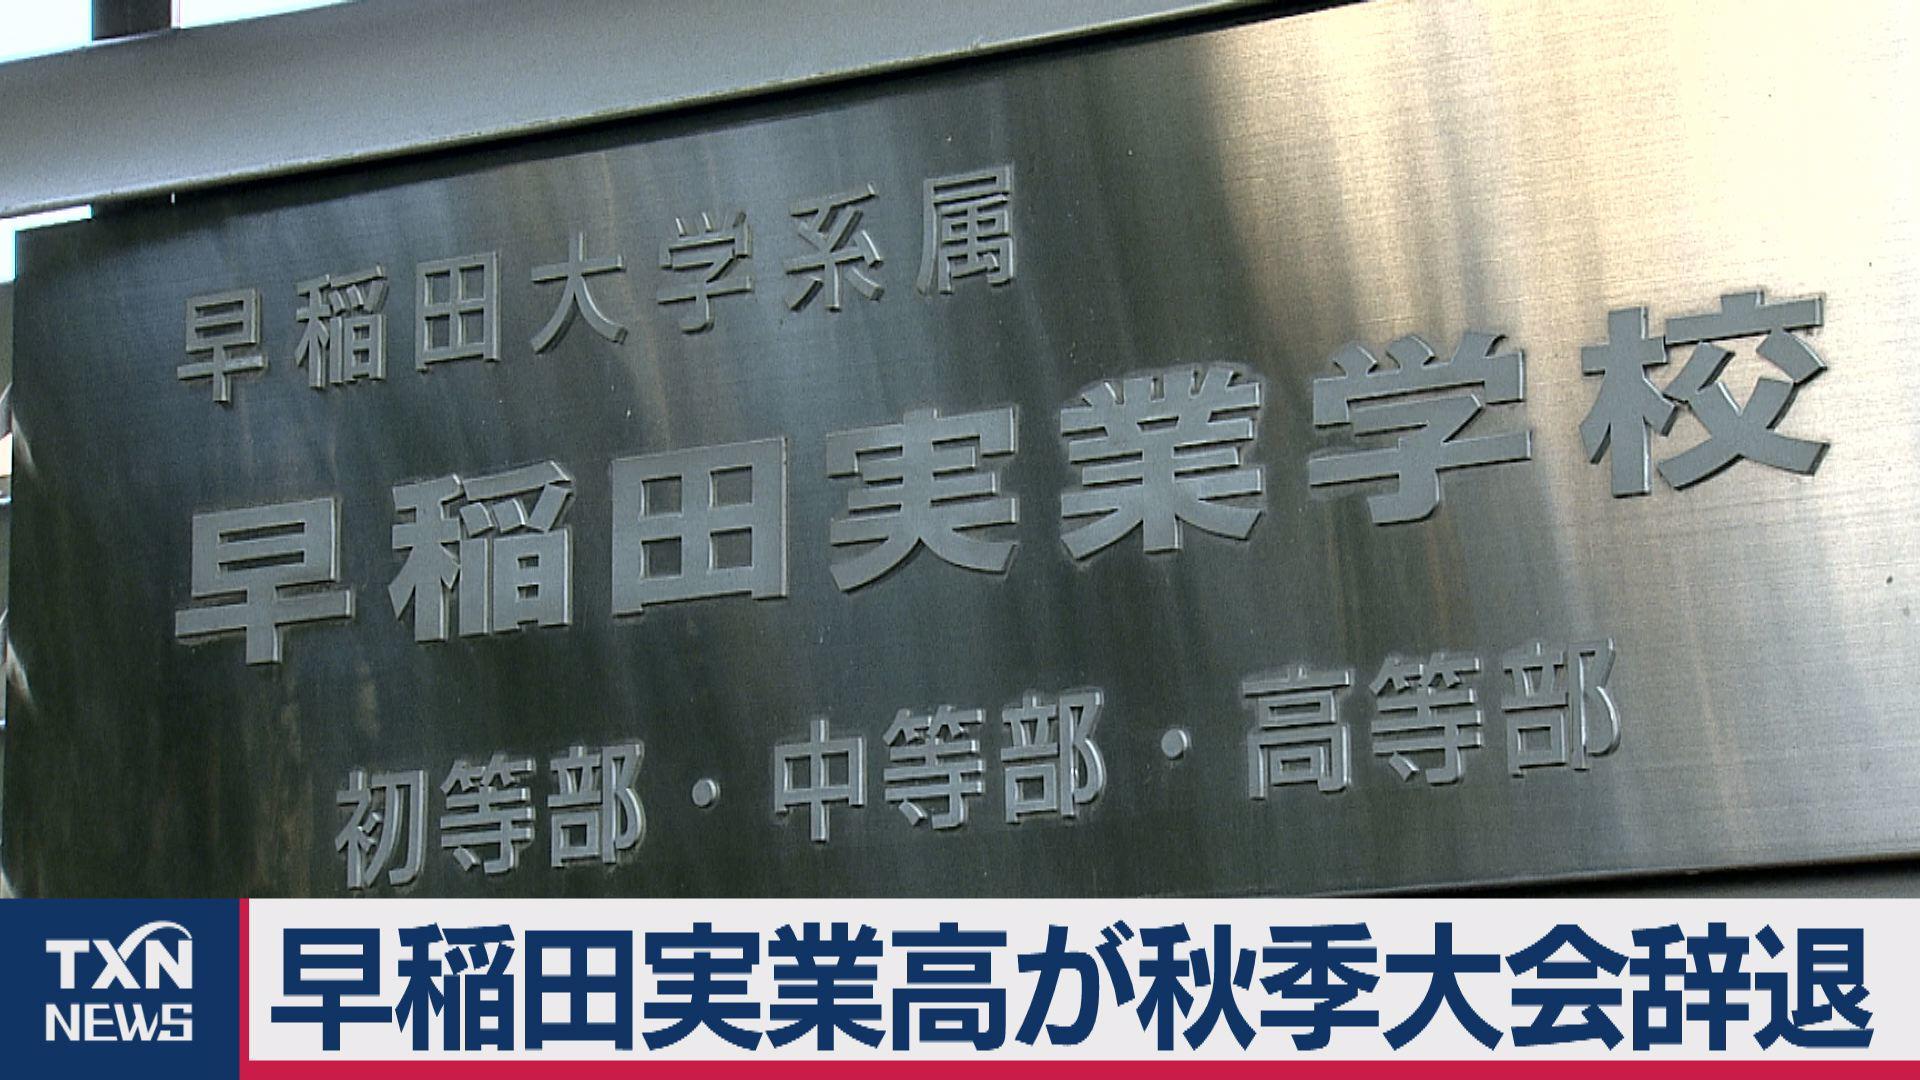 早稲田実業 不祥事 出場辞退 問題行動 性動画